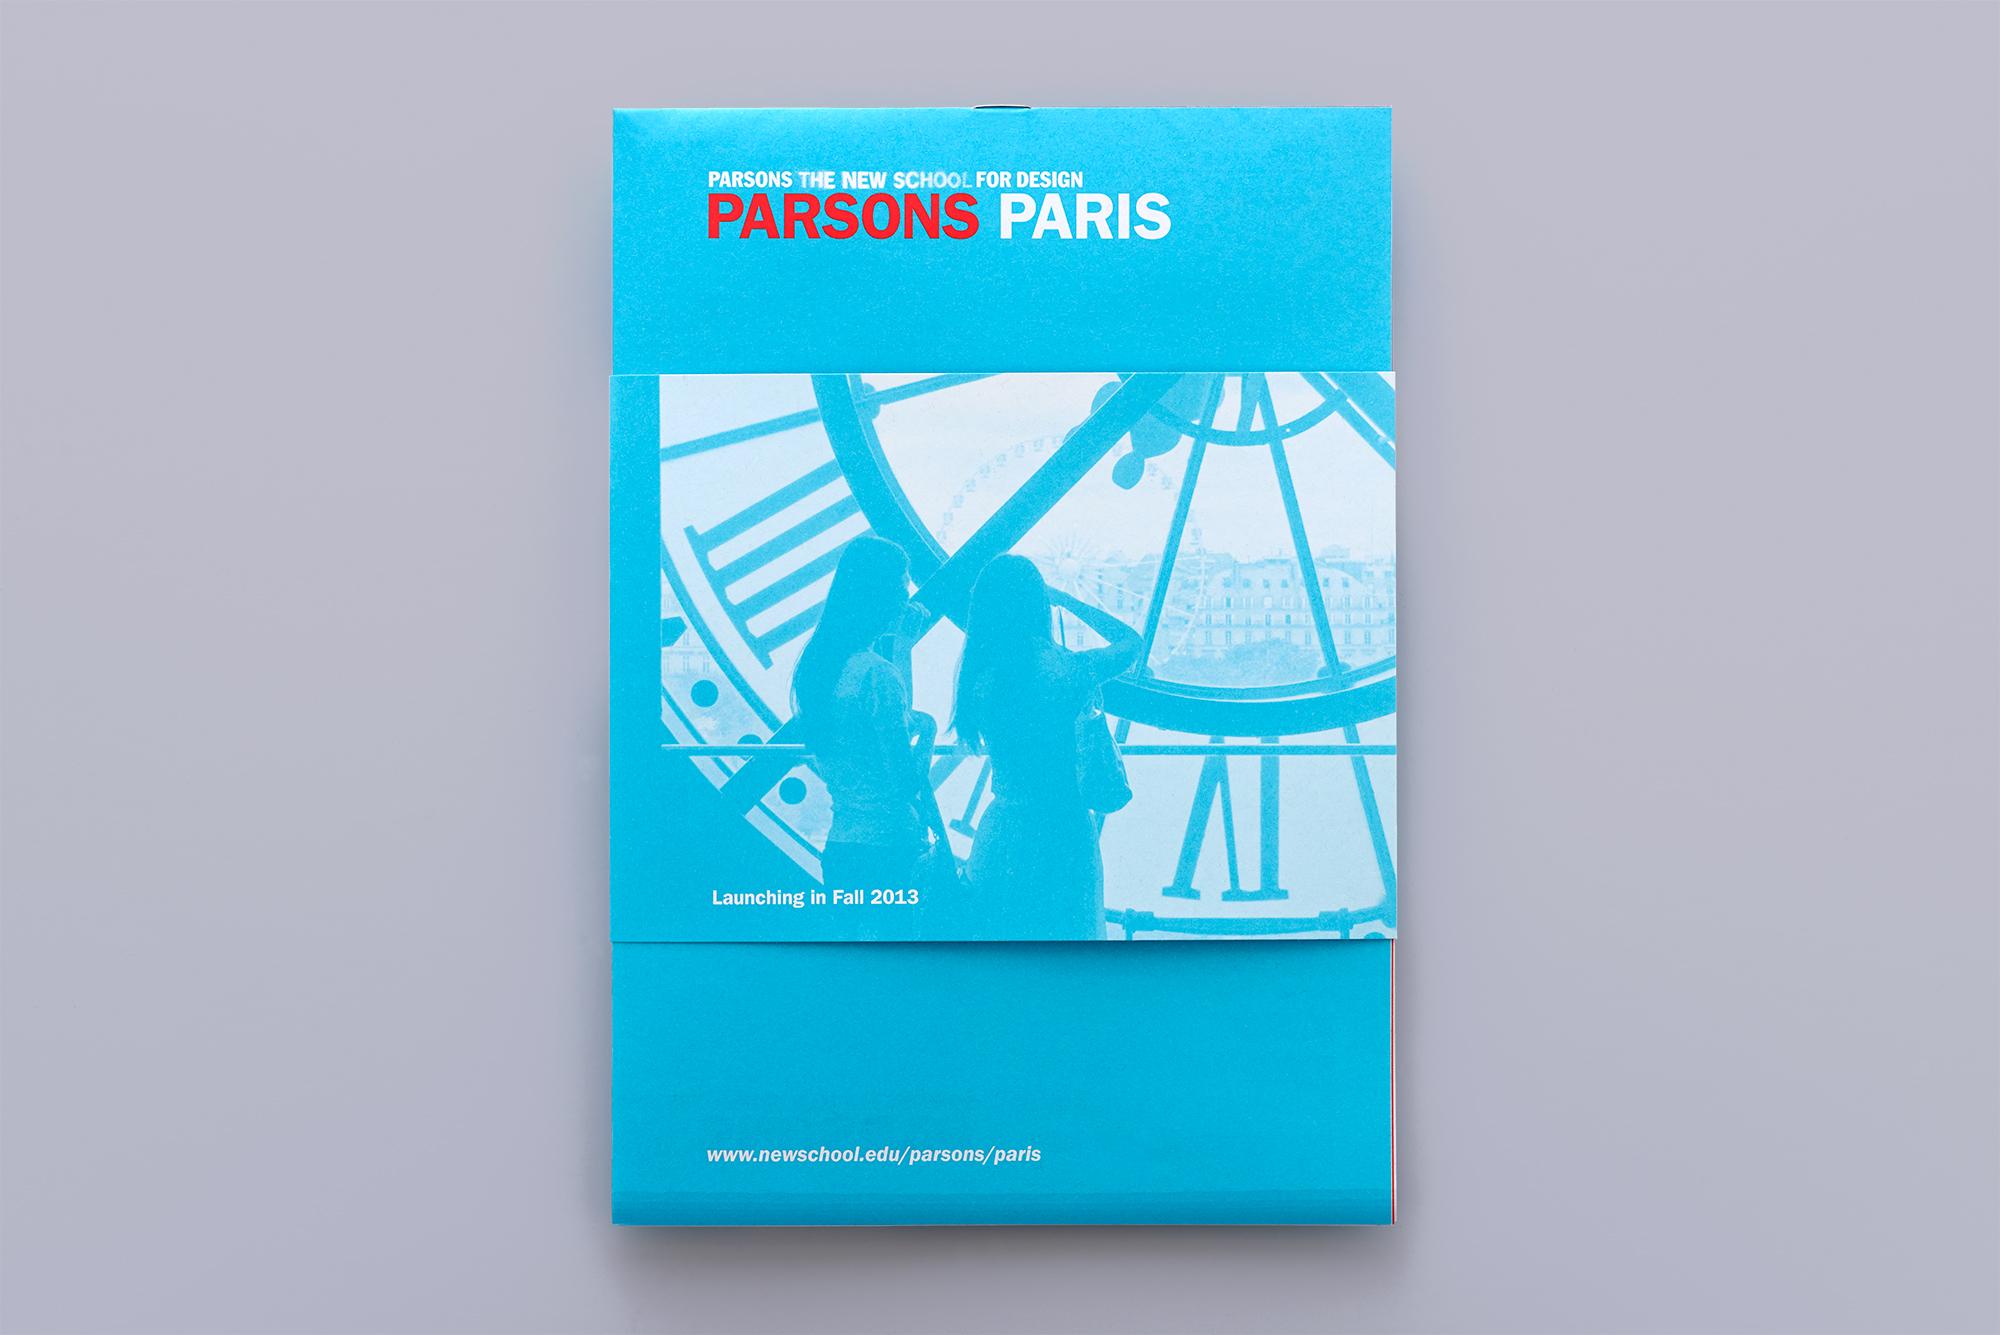 Paula_Giraldo_Parsons_Paris_39.jpg